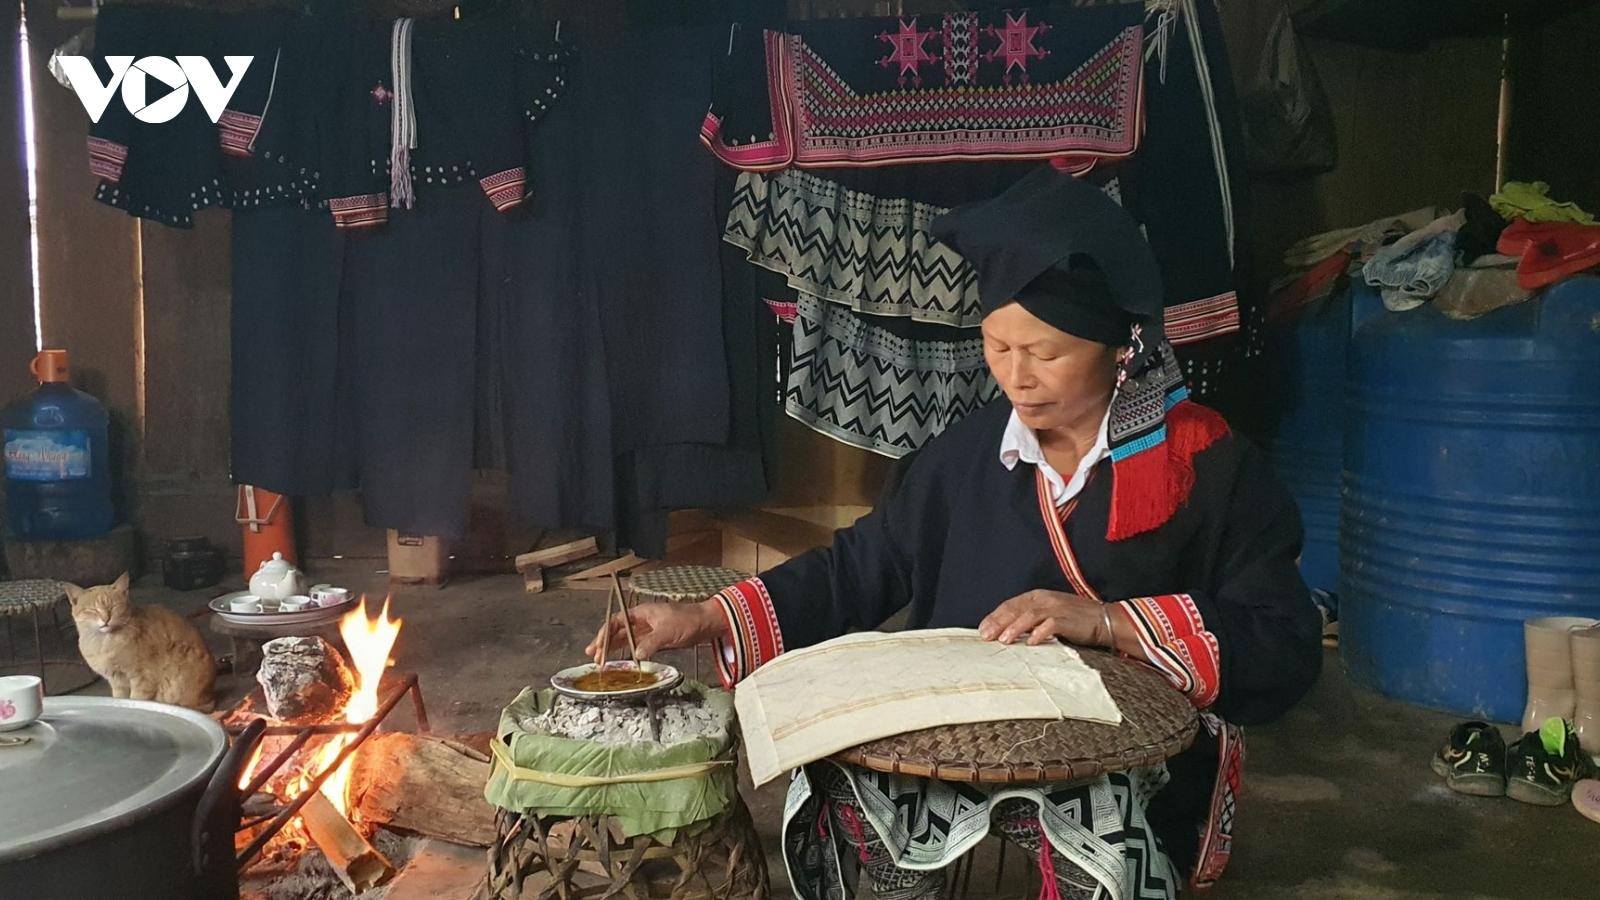 Sáp ong trên váy nhuộm tràm tôn thêm vẻ đẹp của phụ nữ Dao Sơn La ngày xuân